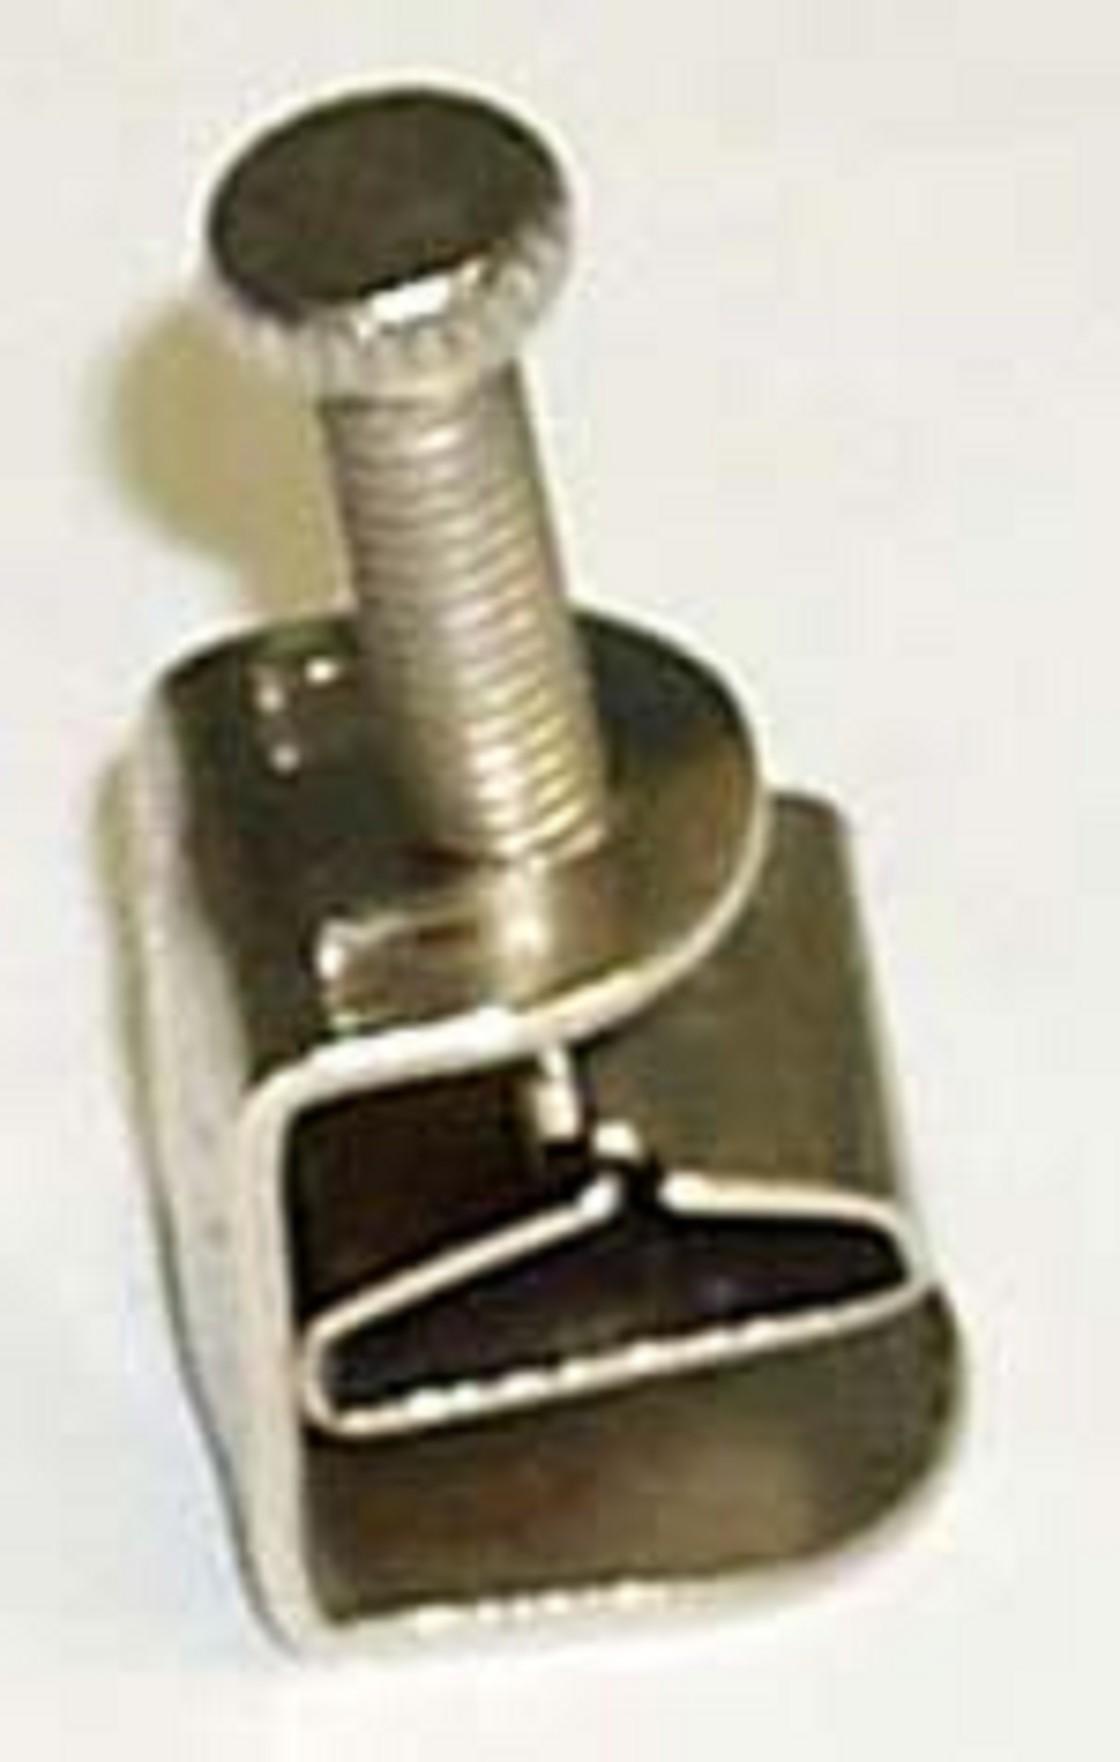 Catheter screw compressor with c clamp